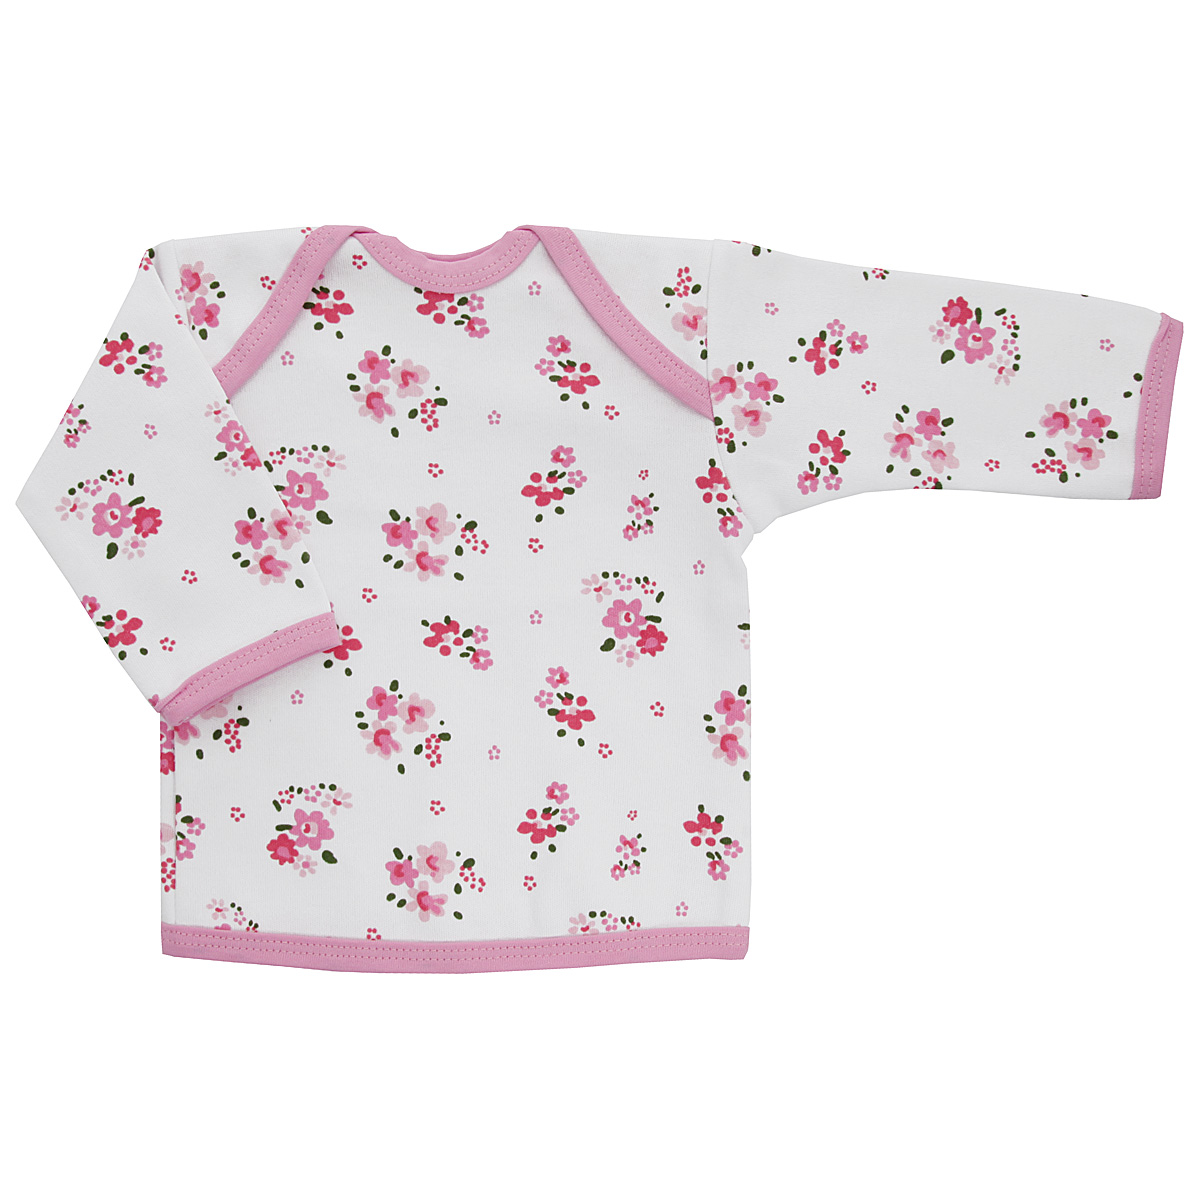 Футболка с длинным рукавом для девочки Трон-плюс, цвет: белый, розовый. 5611_цветы. Размер 80, 12 месяцев5611_цветыУдобная футболка для девочки Трон-плюс с длинными рукавами послужит идеальным дополнением к гардеробу вашей малышки, обеспечивая ей наибольший комфорт. Изготовленная из интерлока - натурального хлопка, она необычайно мягкая и легкая, не раздражает нежную кожу ребенка и хорошо вентилируется, а эластичные швы приятны телу ребенка и не препятствуют его движениям. Удобные запахи на плечах помогают легко переодеть младенца. Горловина, низ модели и низ рукавов дополнены трикотажной бейкой. Спинка модели незначительно укорочена. Оформлено изделие цветочным принтом. Футболка полностью соответствует особенностям жизни ребенка в ранний период, не стесняя и не ограничивая его в движениях.